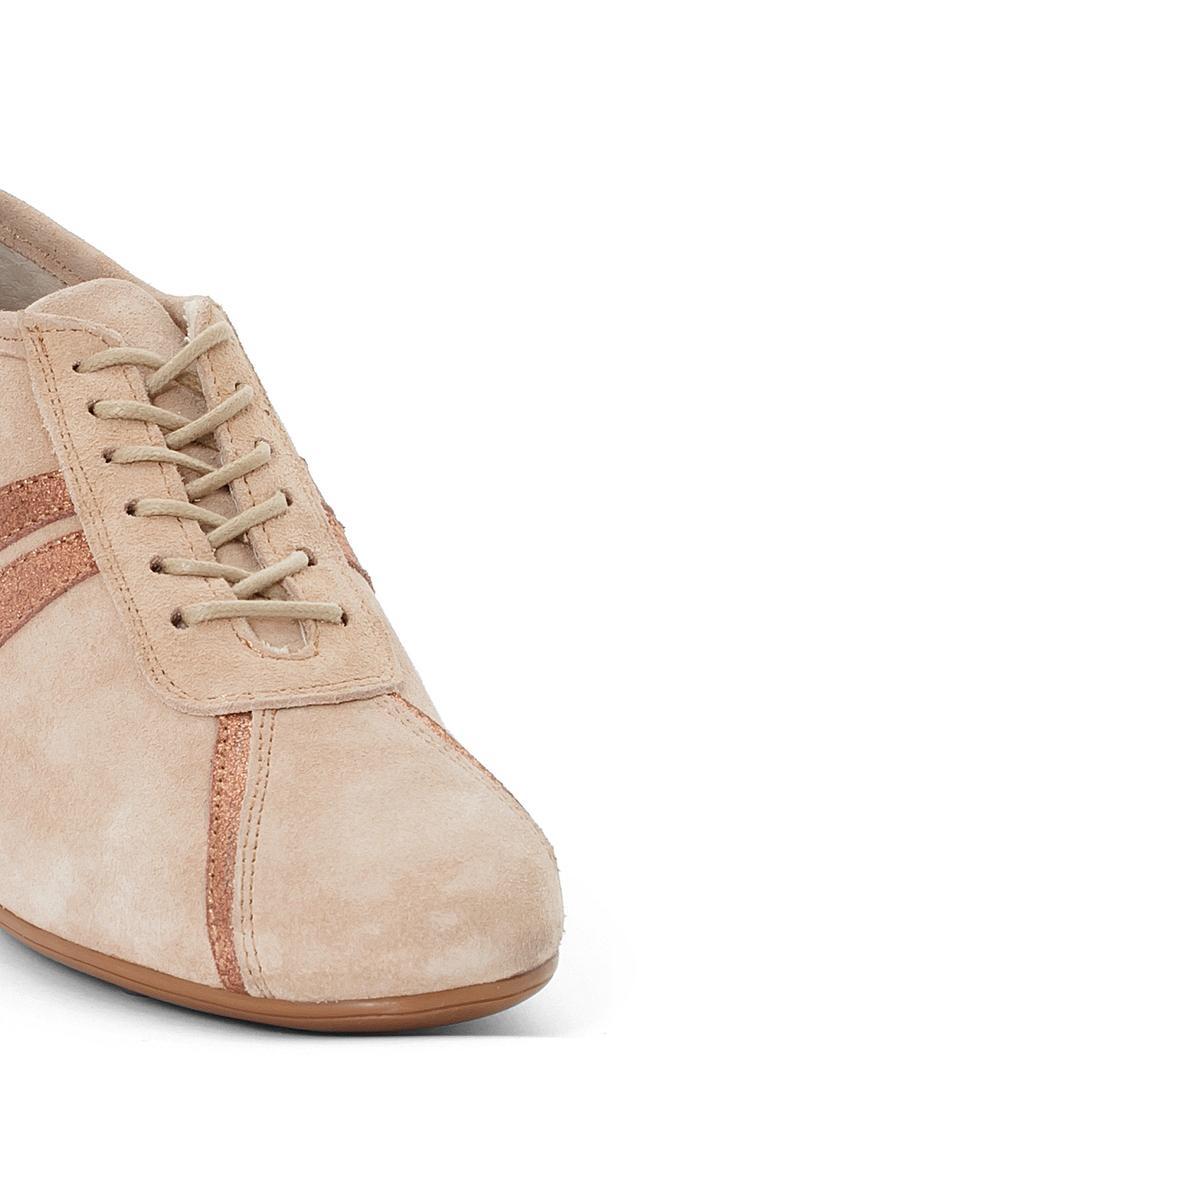 Imagen secundaria de producto de Zapatillas de piel bicolor - Anne weyburn